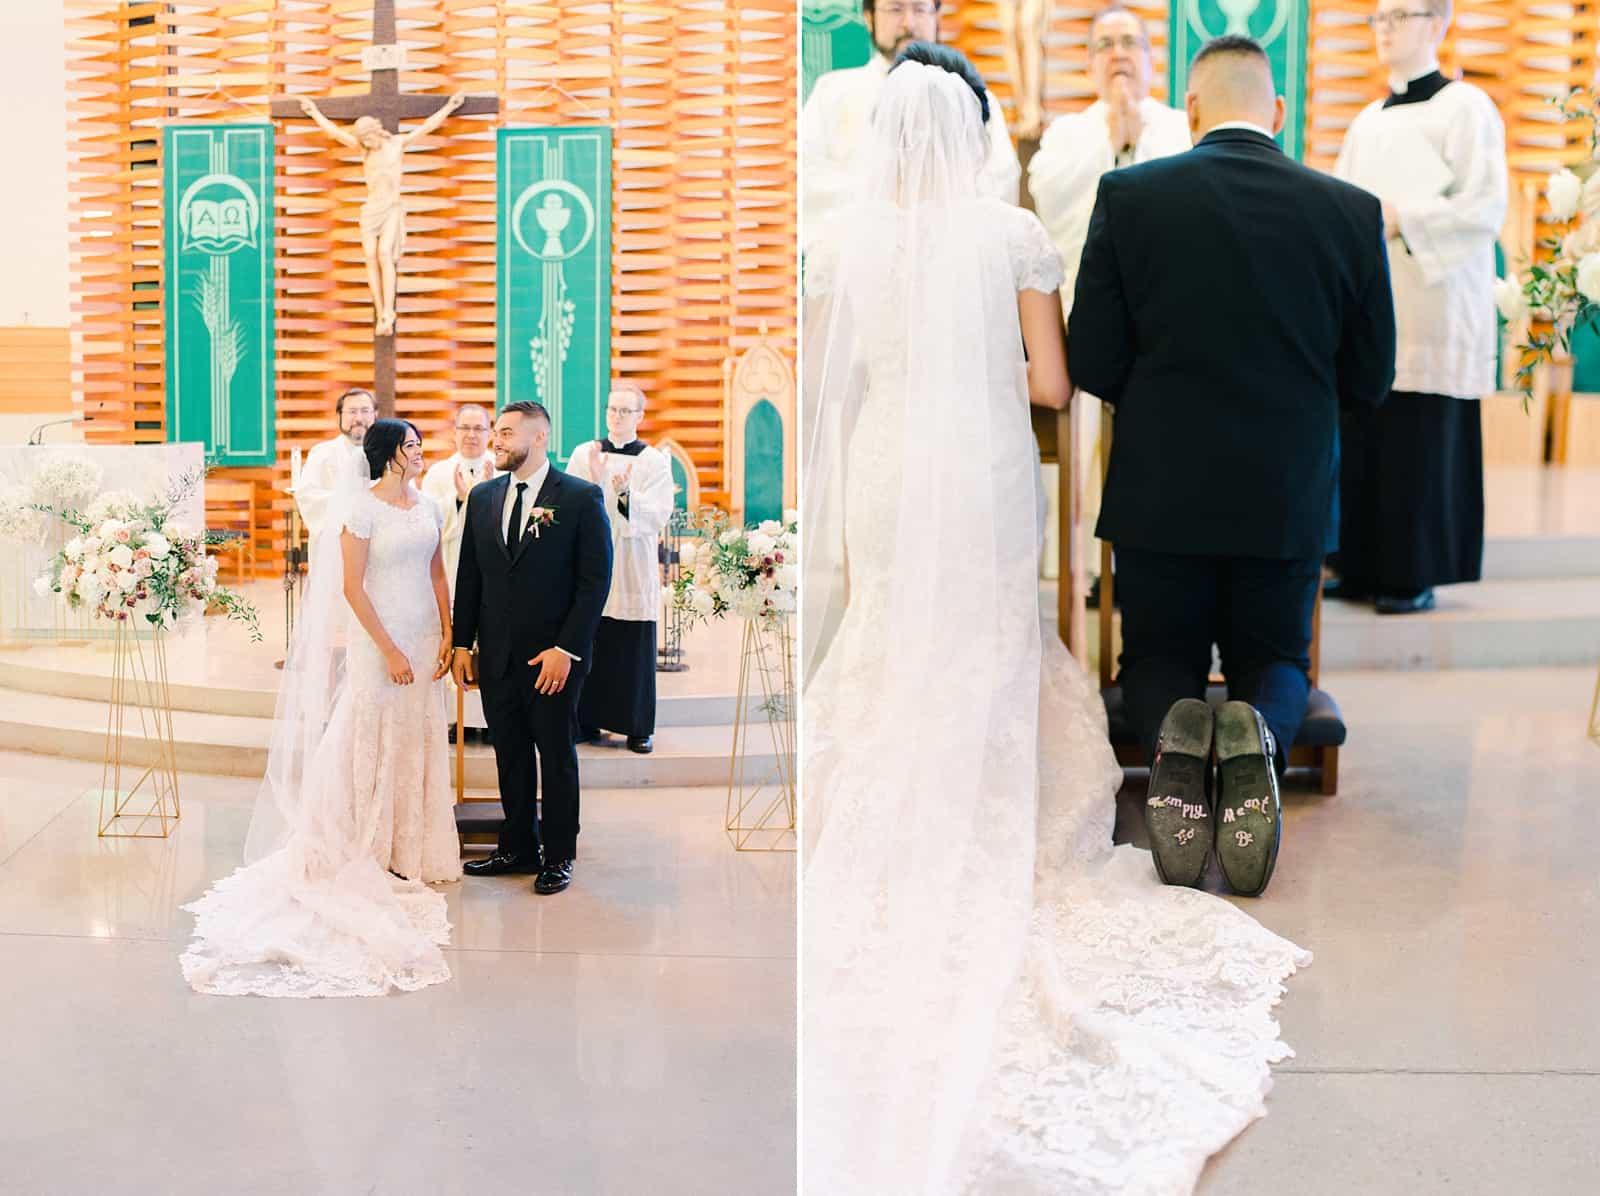 Chapel cathedral ceremony in Utah, bride and groom kneeling